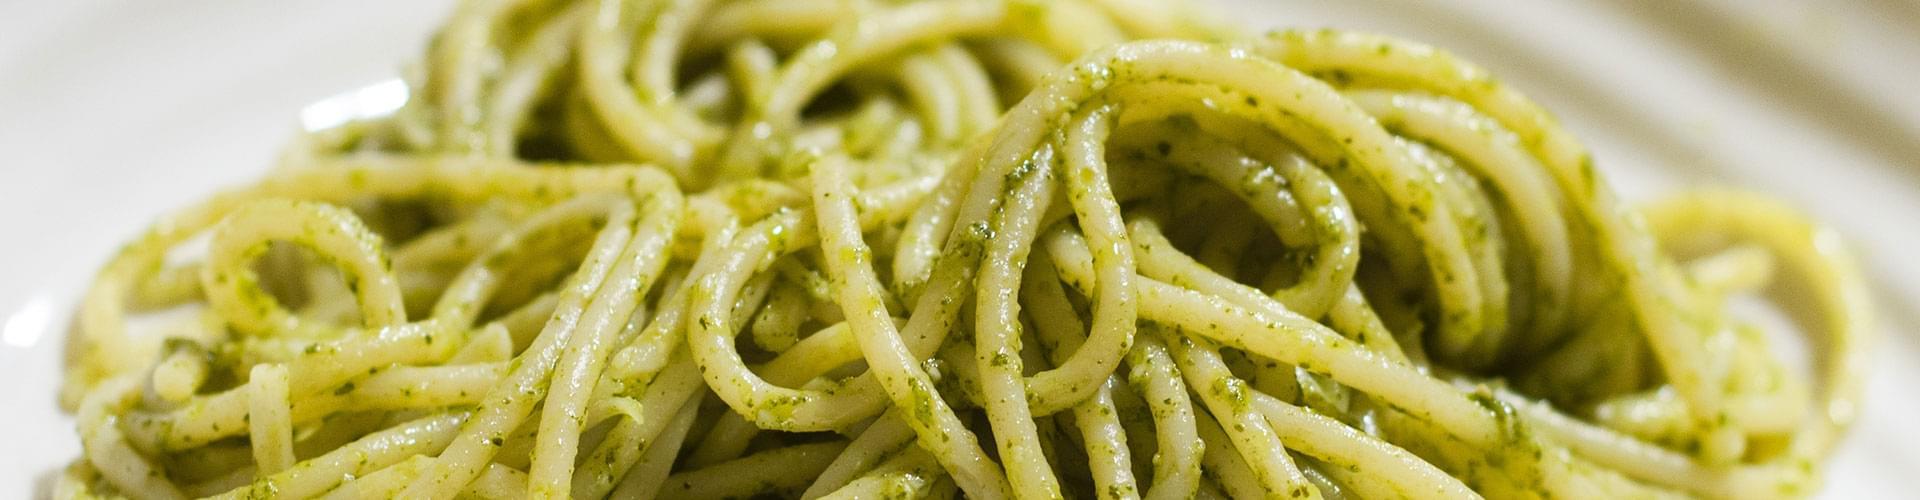 Regional foods - Liguria